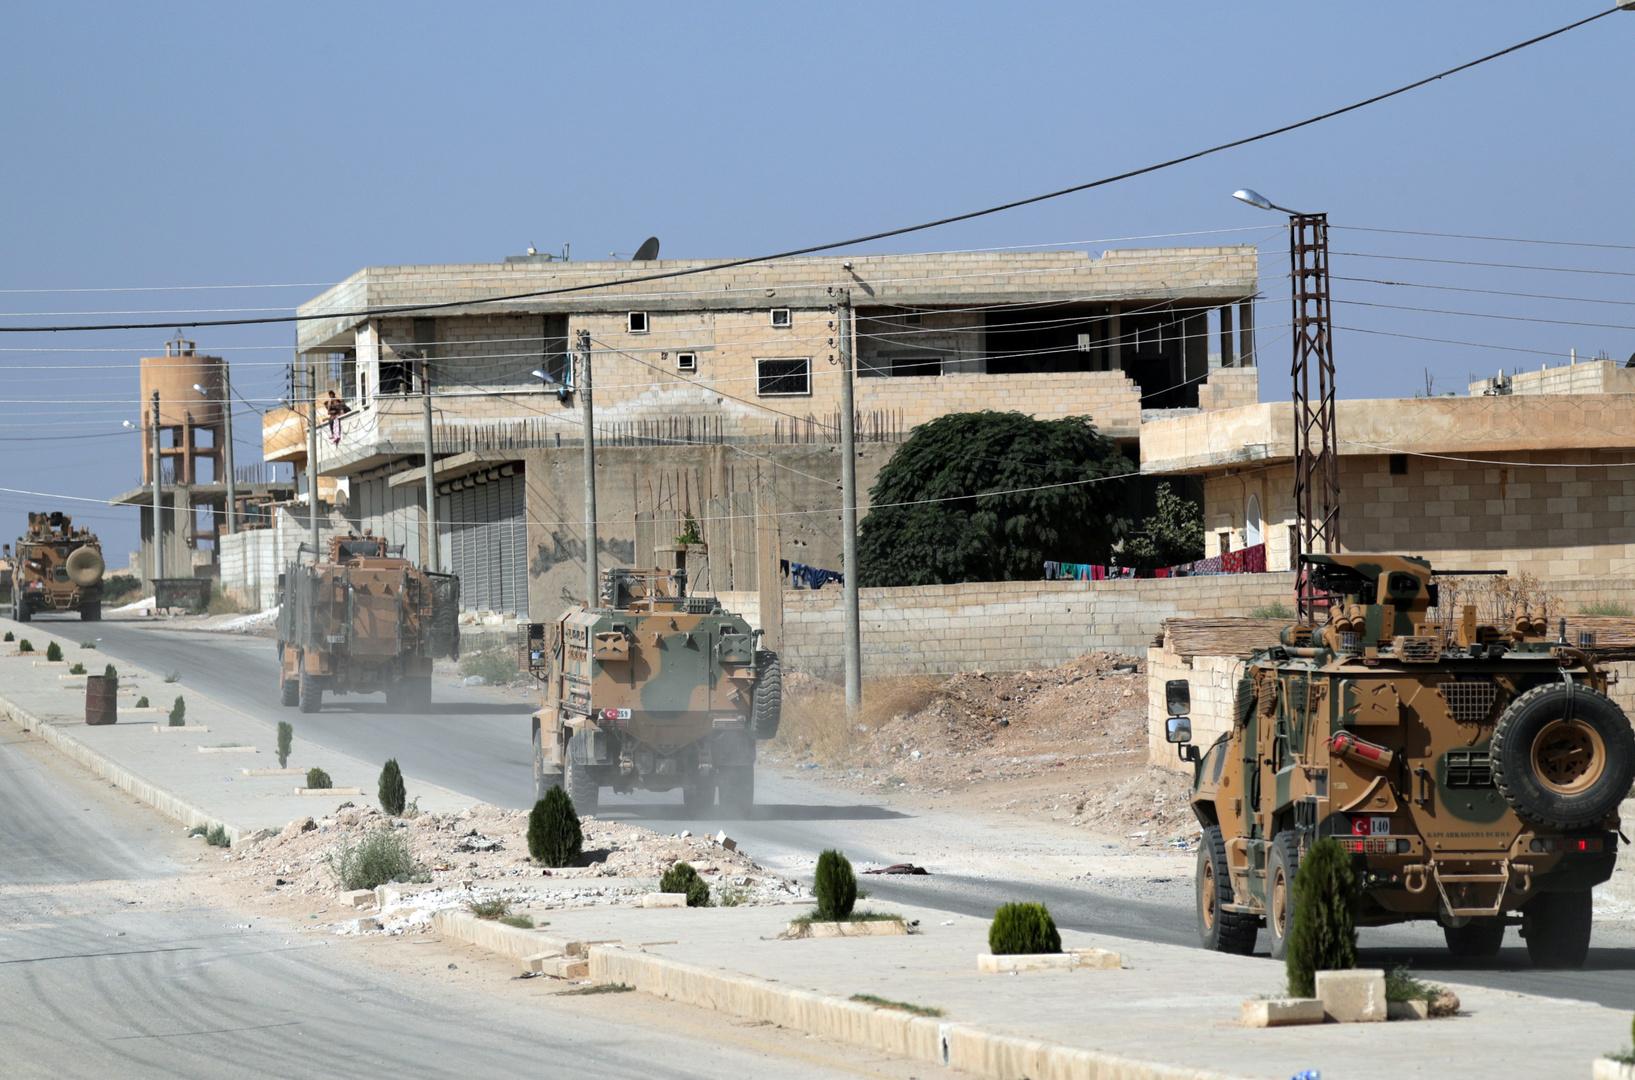 دمشق تتهم تركيا والولايات المتحدة بنهب الثروات السورية وإطالة أمد الأزمة